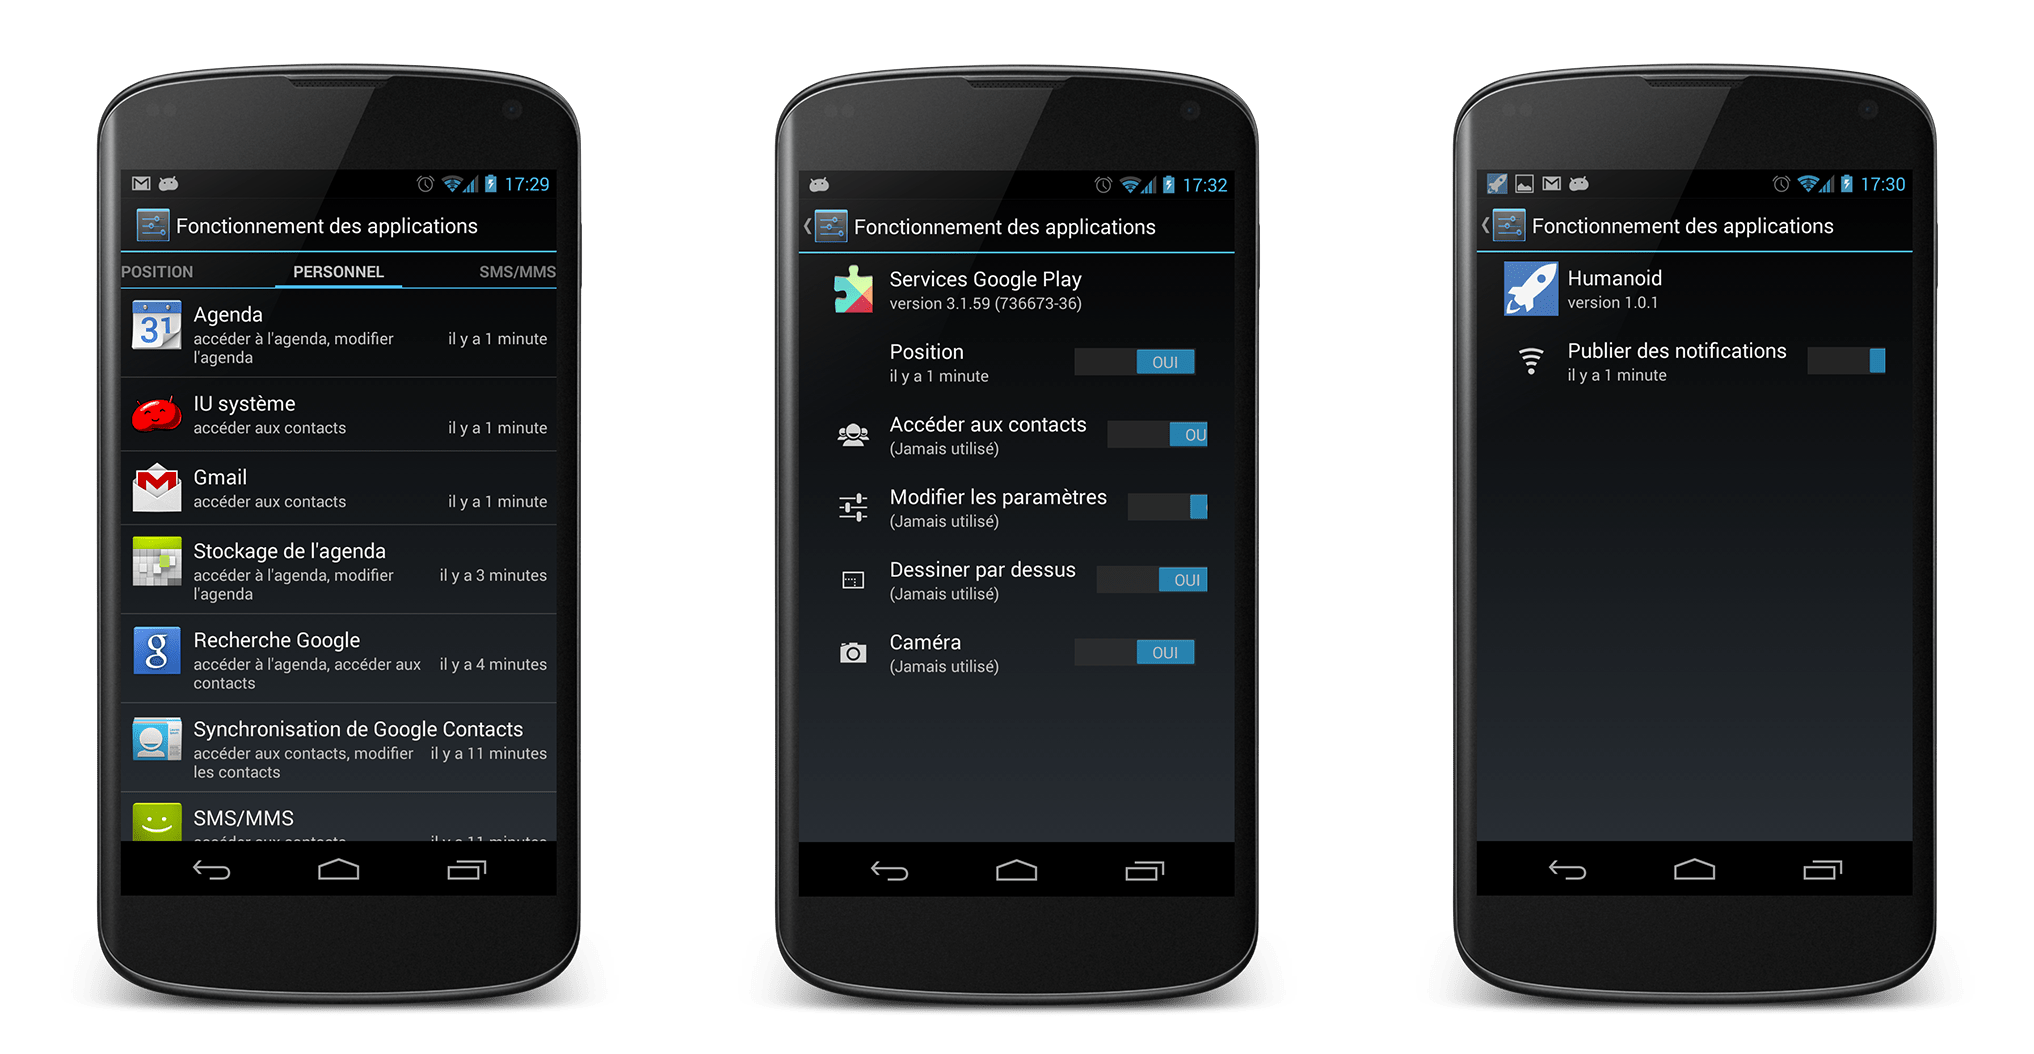 Aperçu des autorisations des applications sur Android